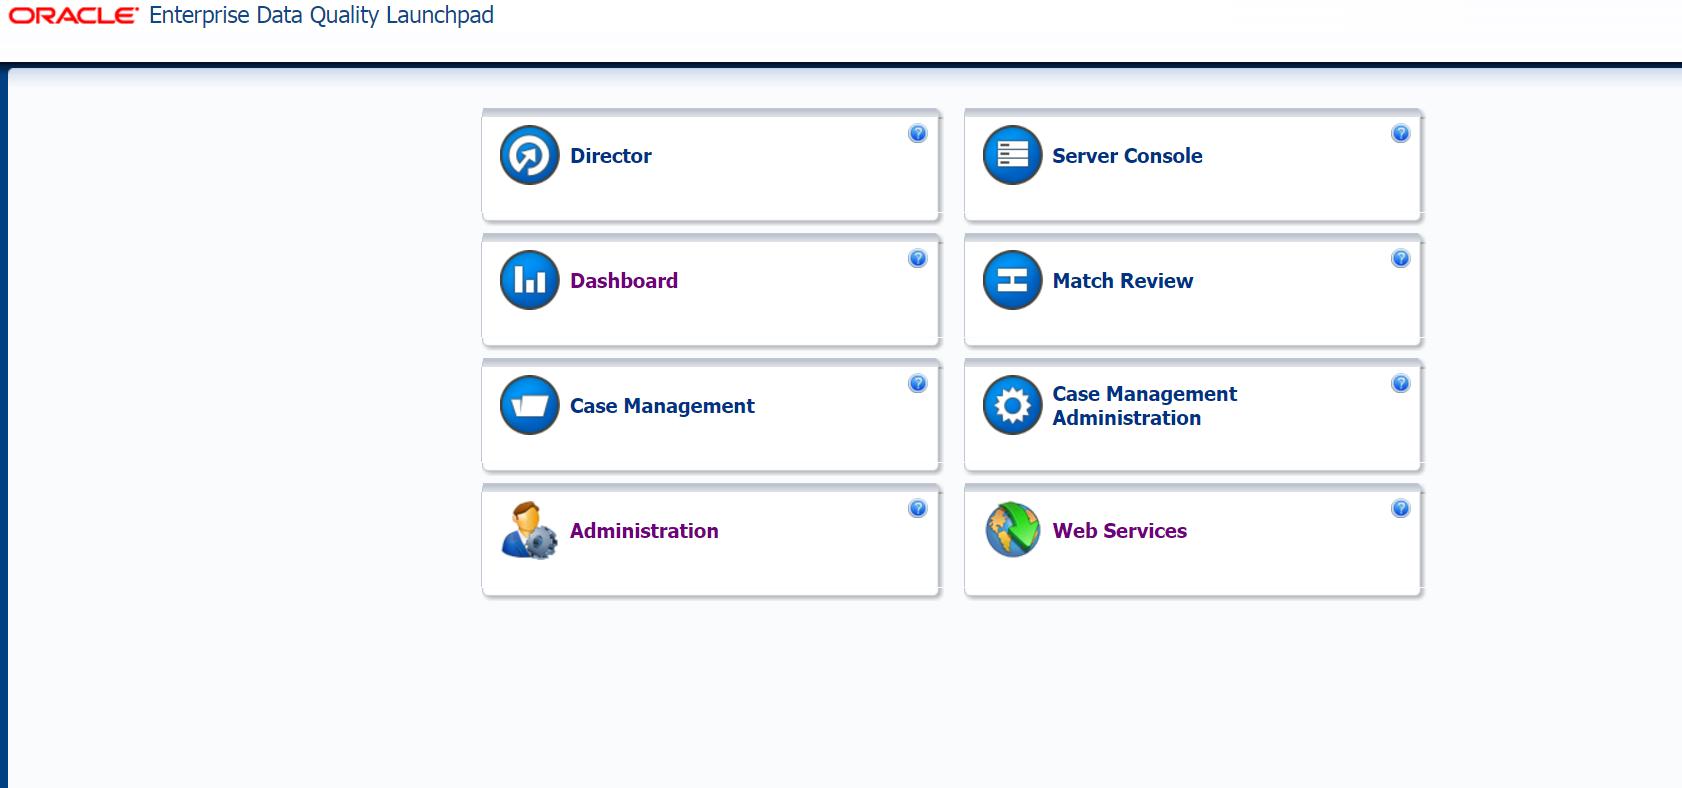 Повышаем качество данных с Oracle Enterprise Data Quality - 2